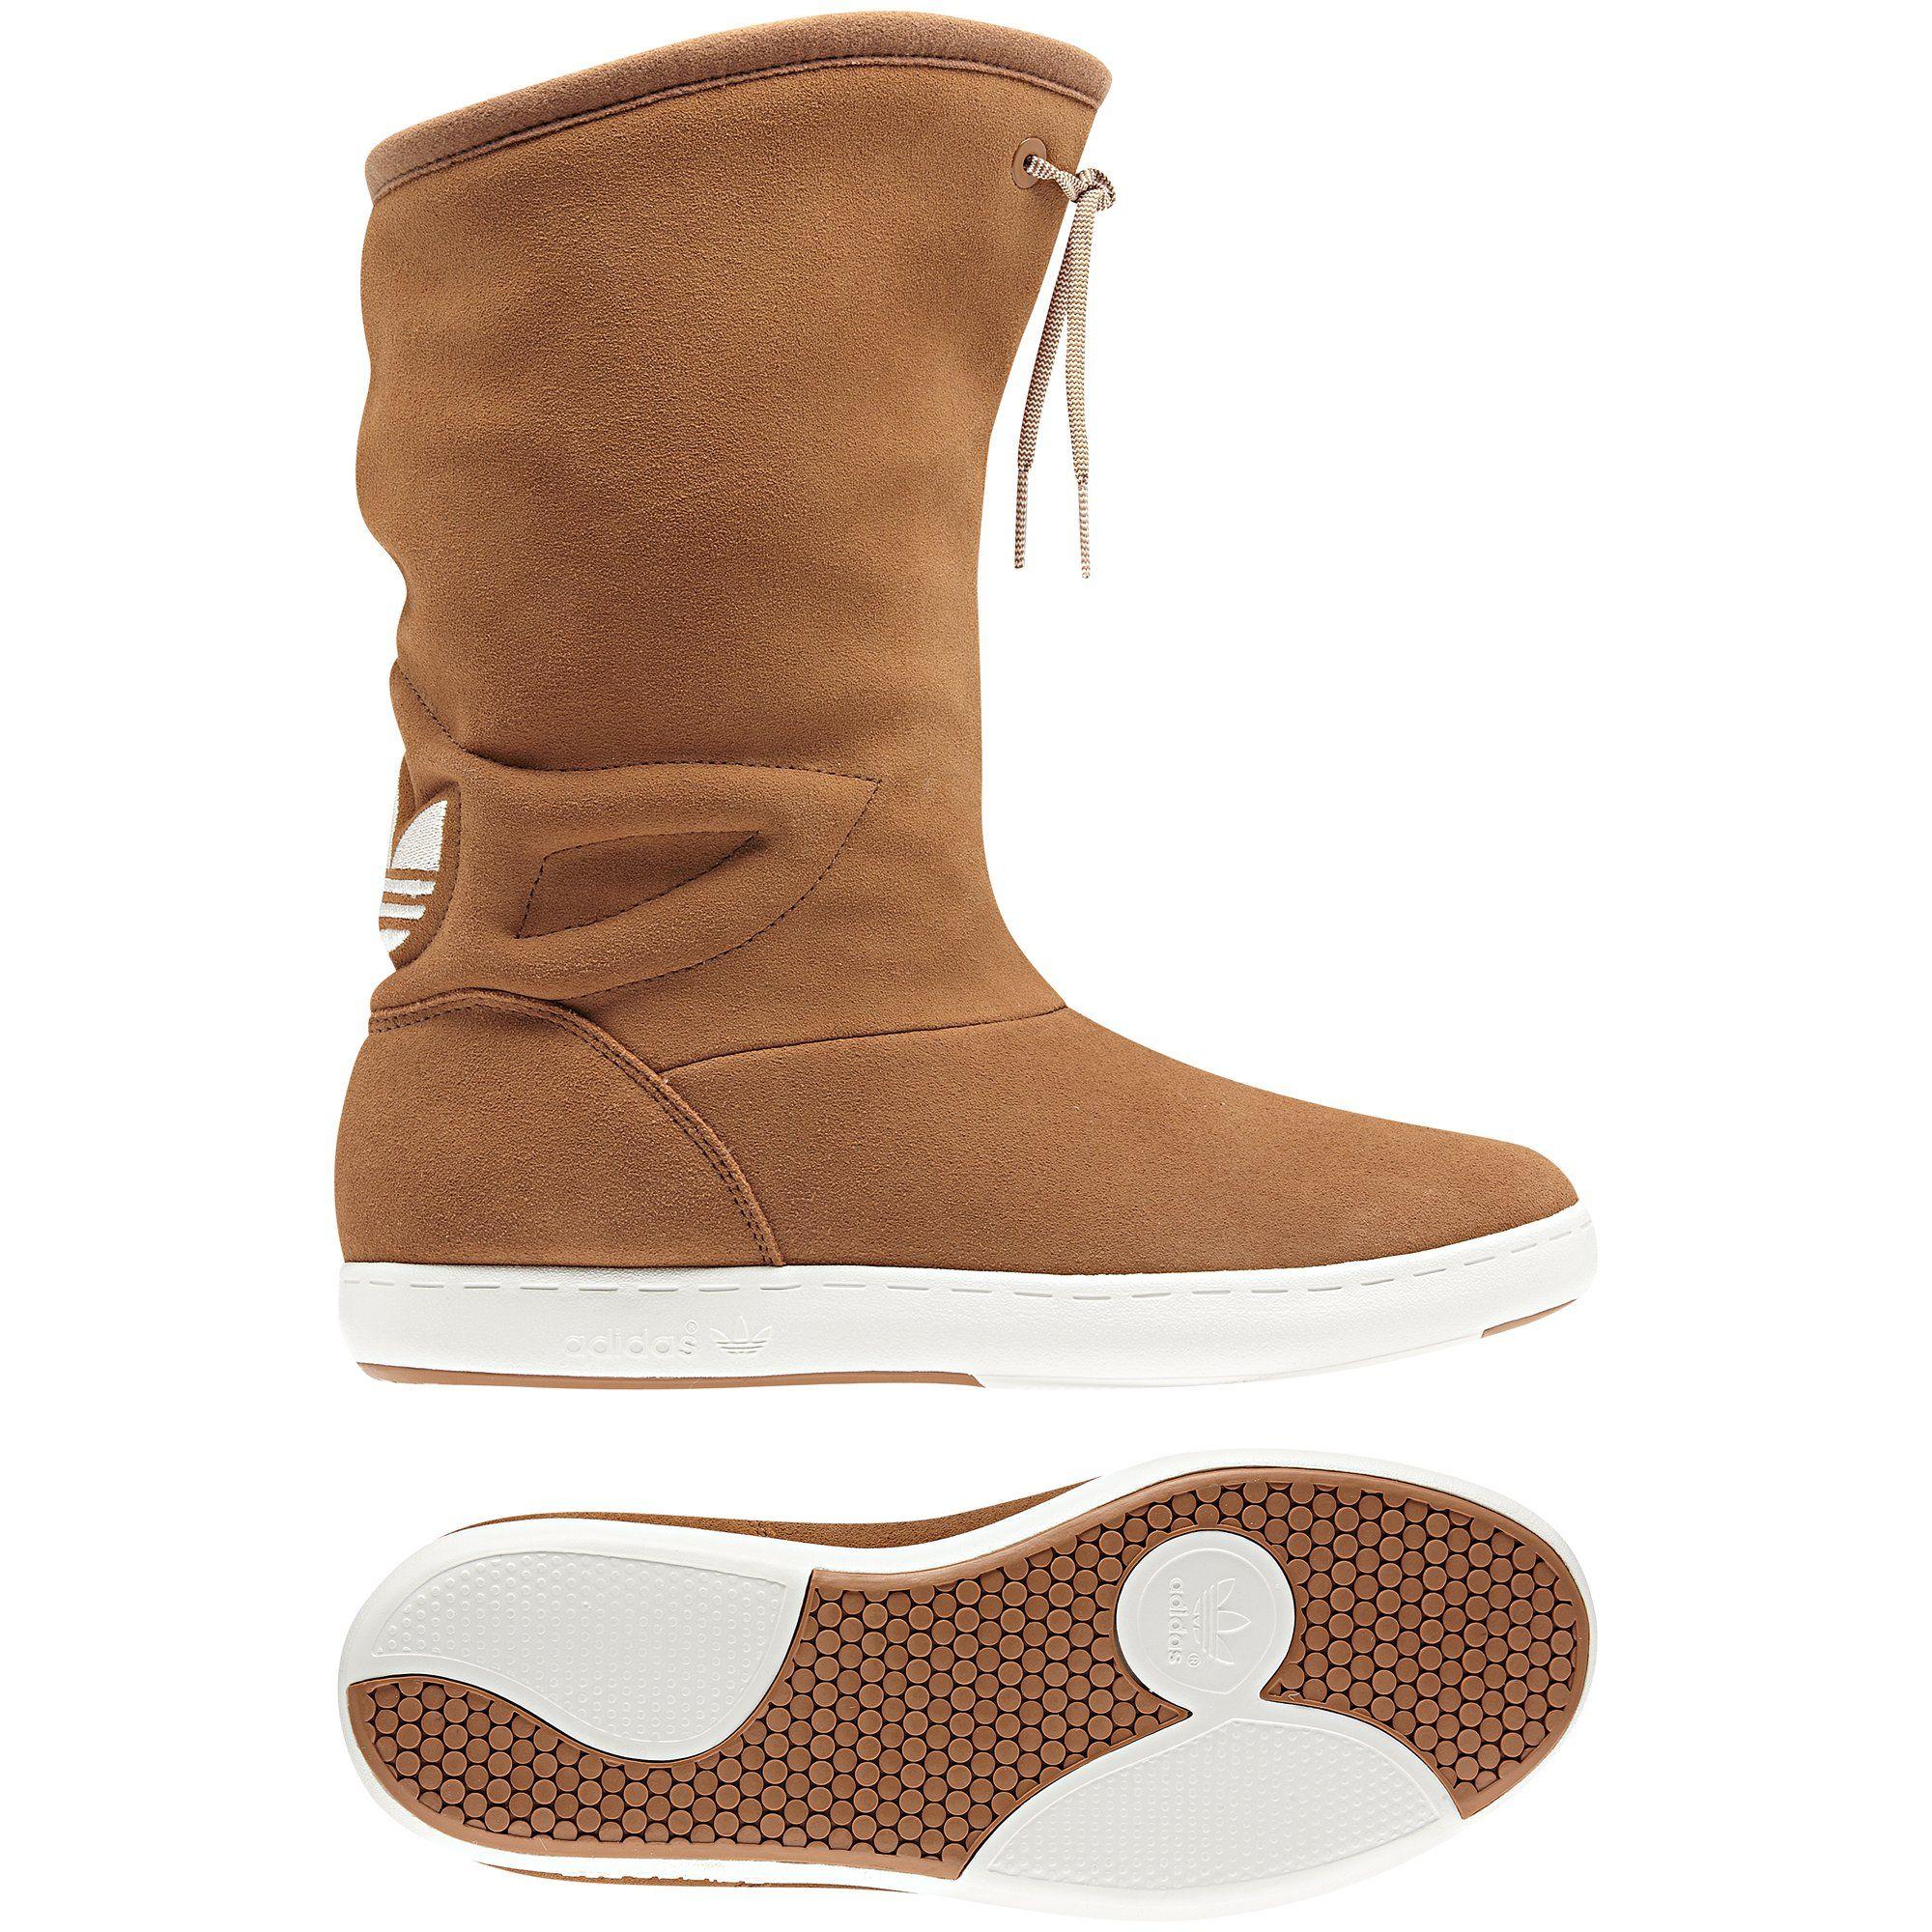 botas adidas mujer invierno